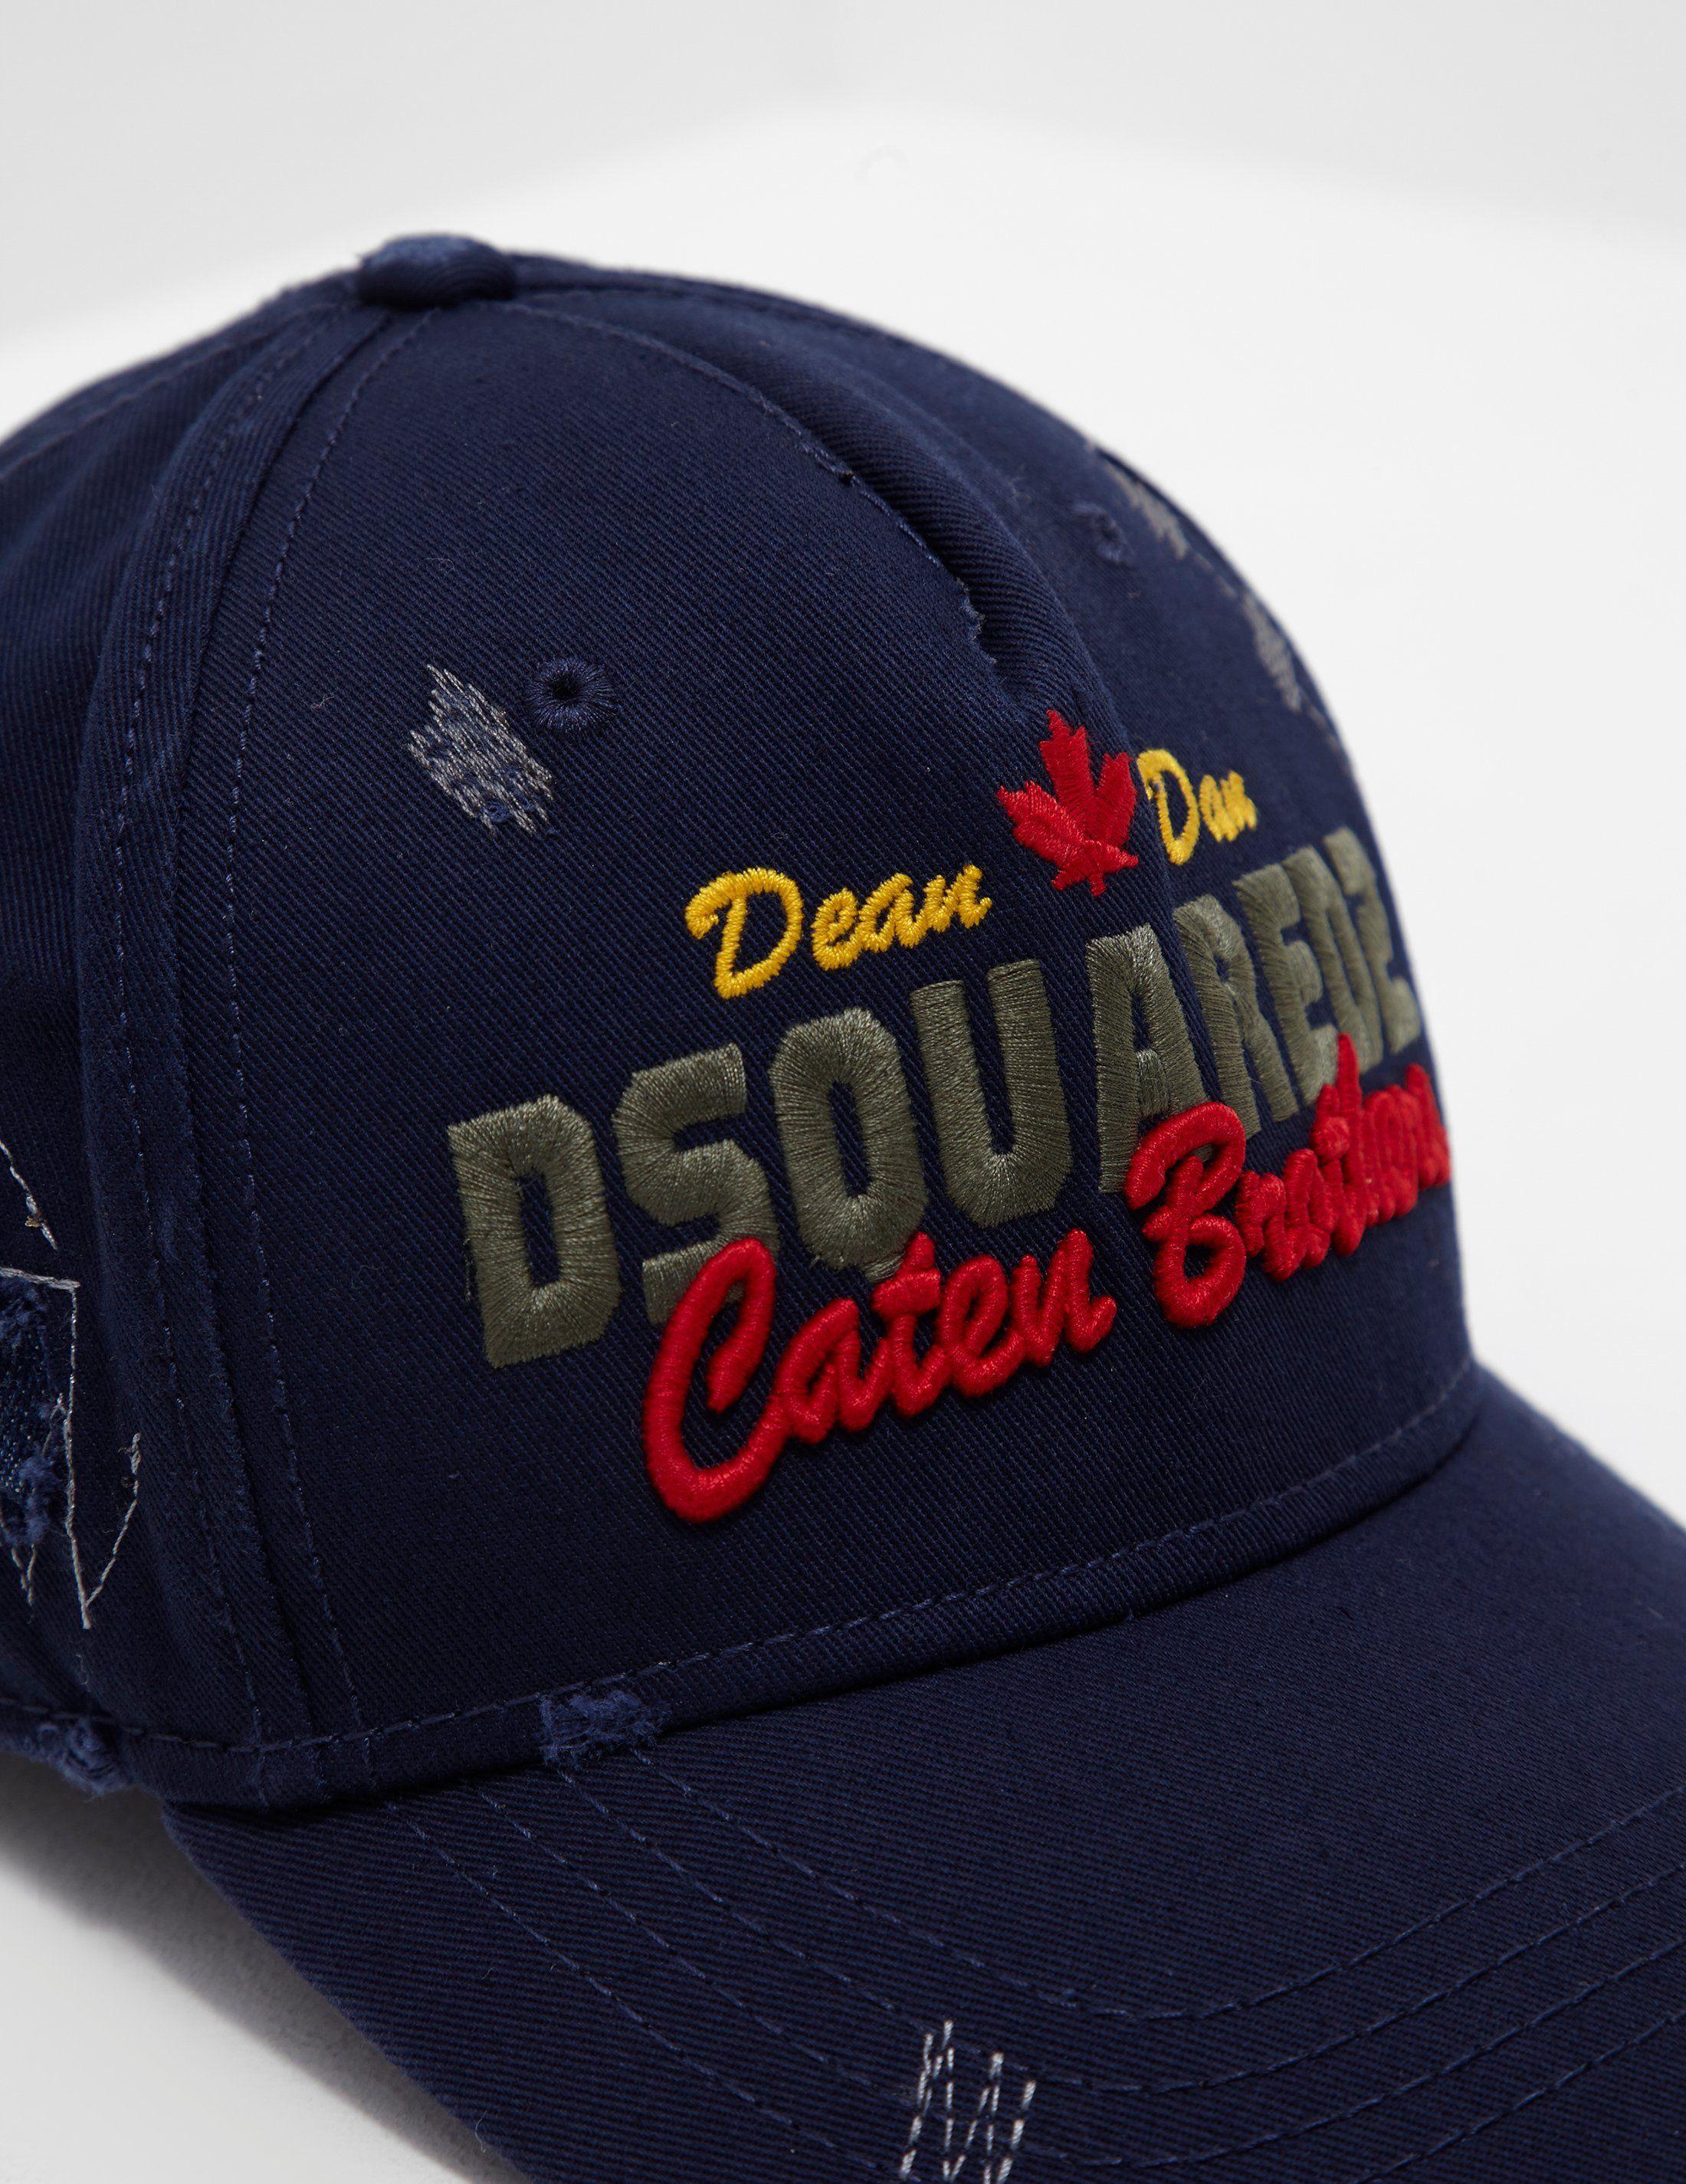 Dsquared2 Caten Bros Cap